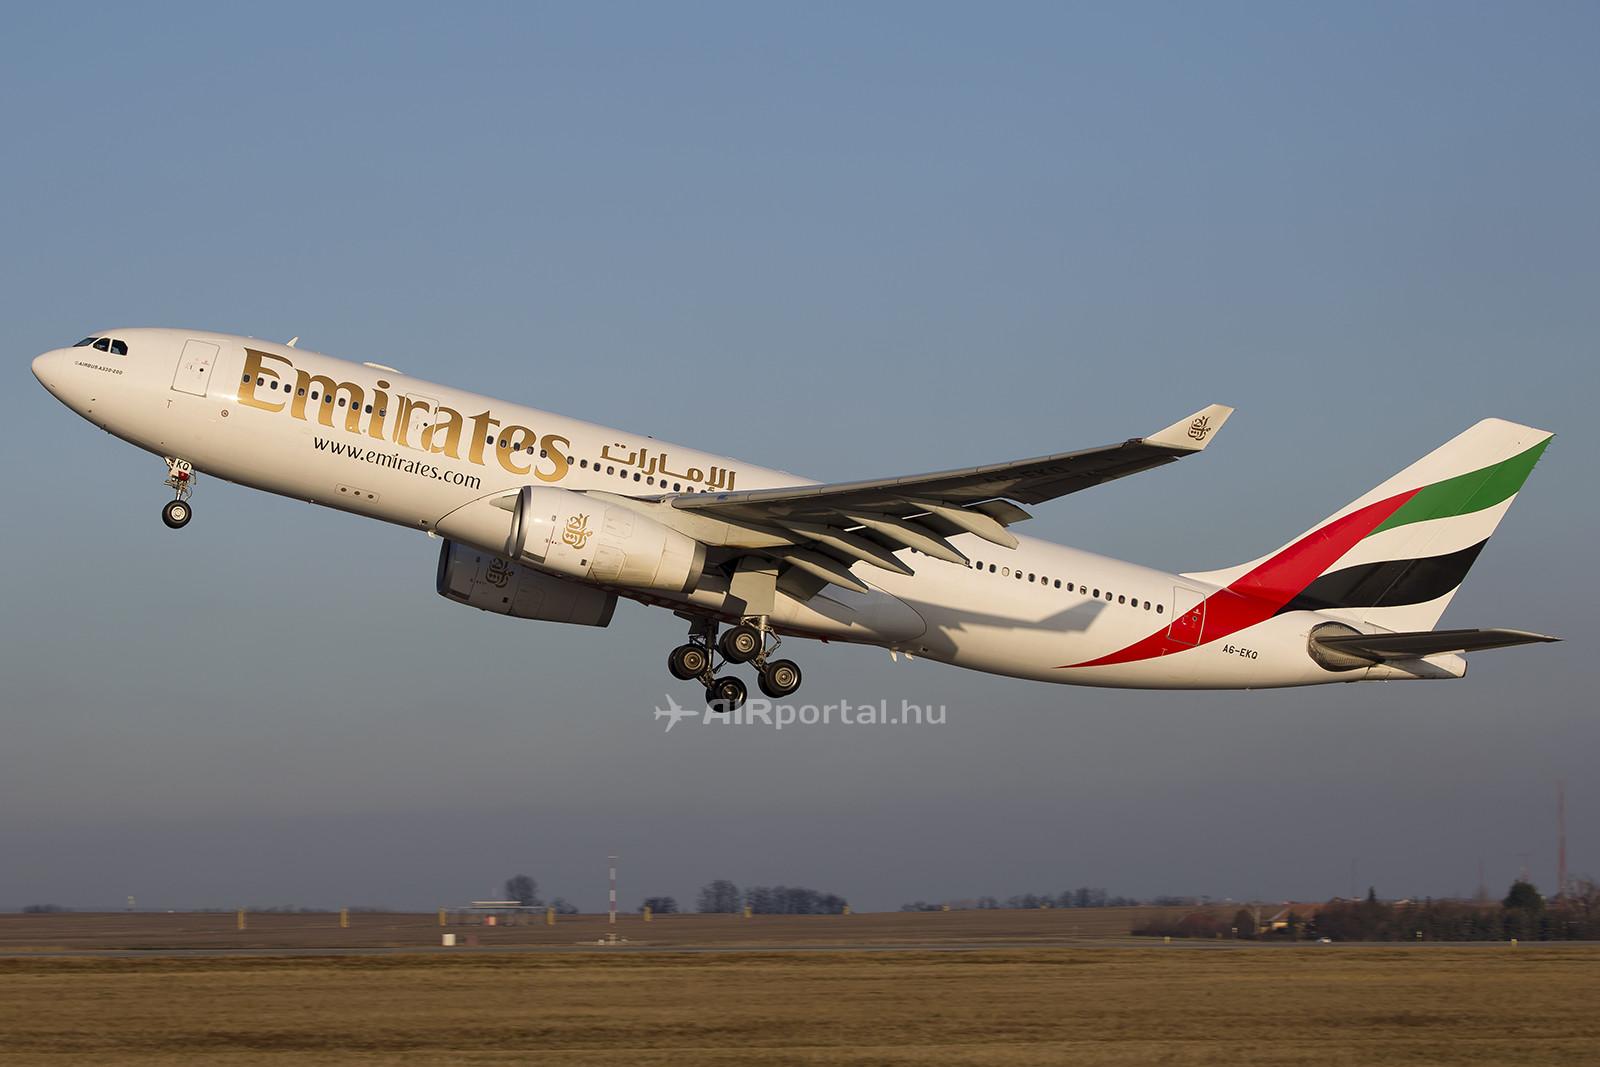 Az Emirates Airbus A330-as repülőgépe Ferihegyen. (Fotó: AIRportal.hu)   © AIRportal.hu